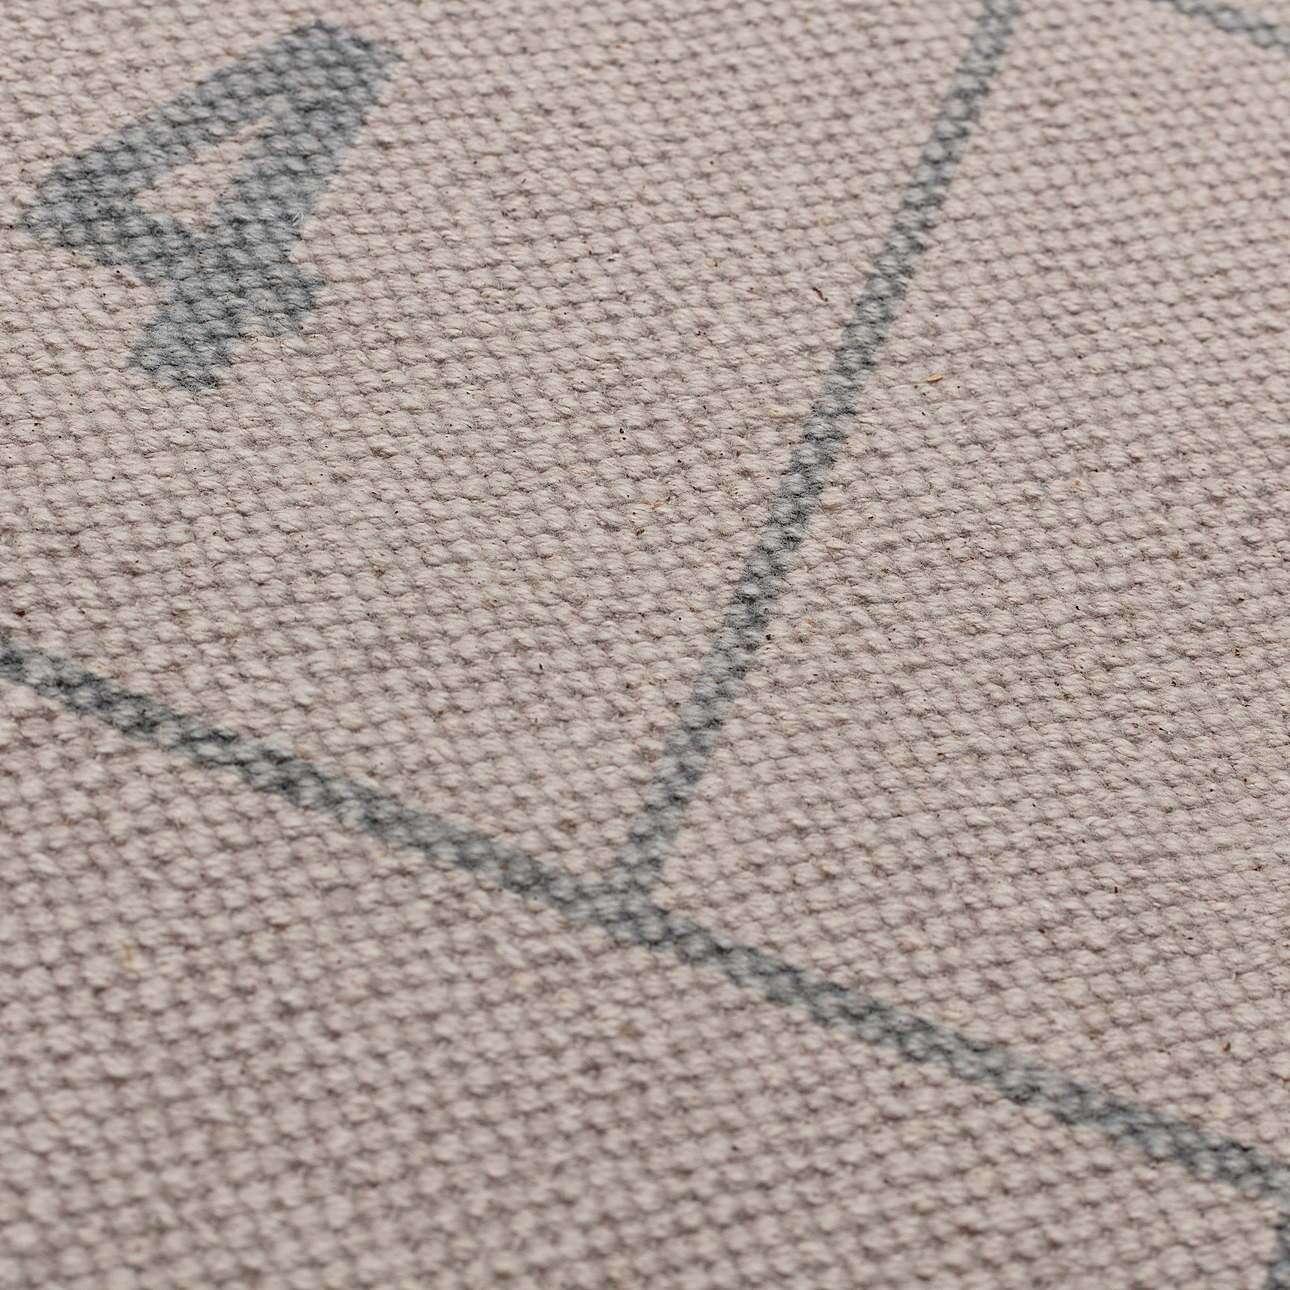 Dywan Hopscotch 65.5x170cm